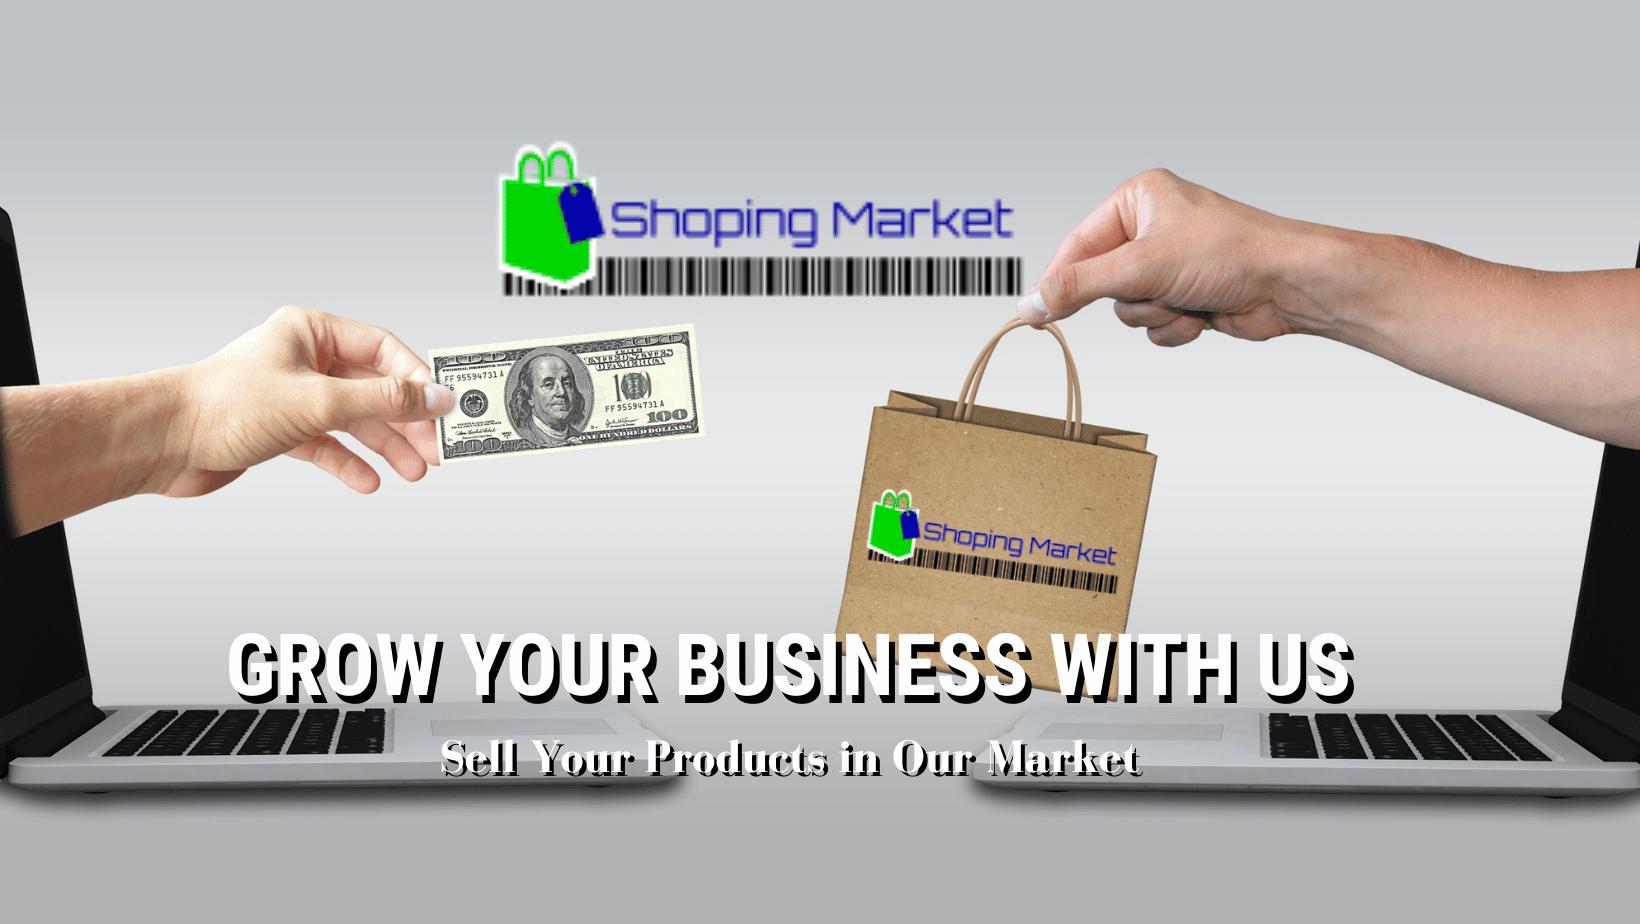 shoping market